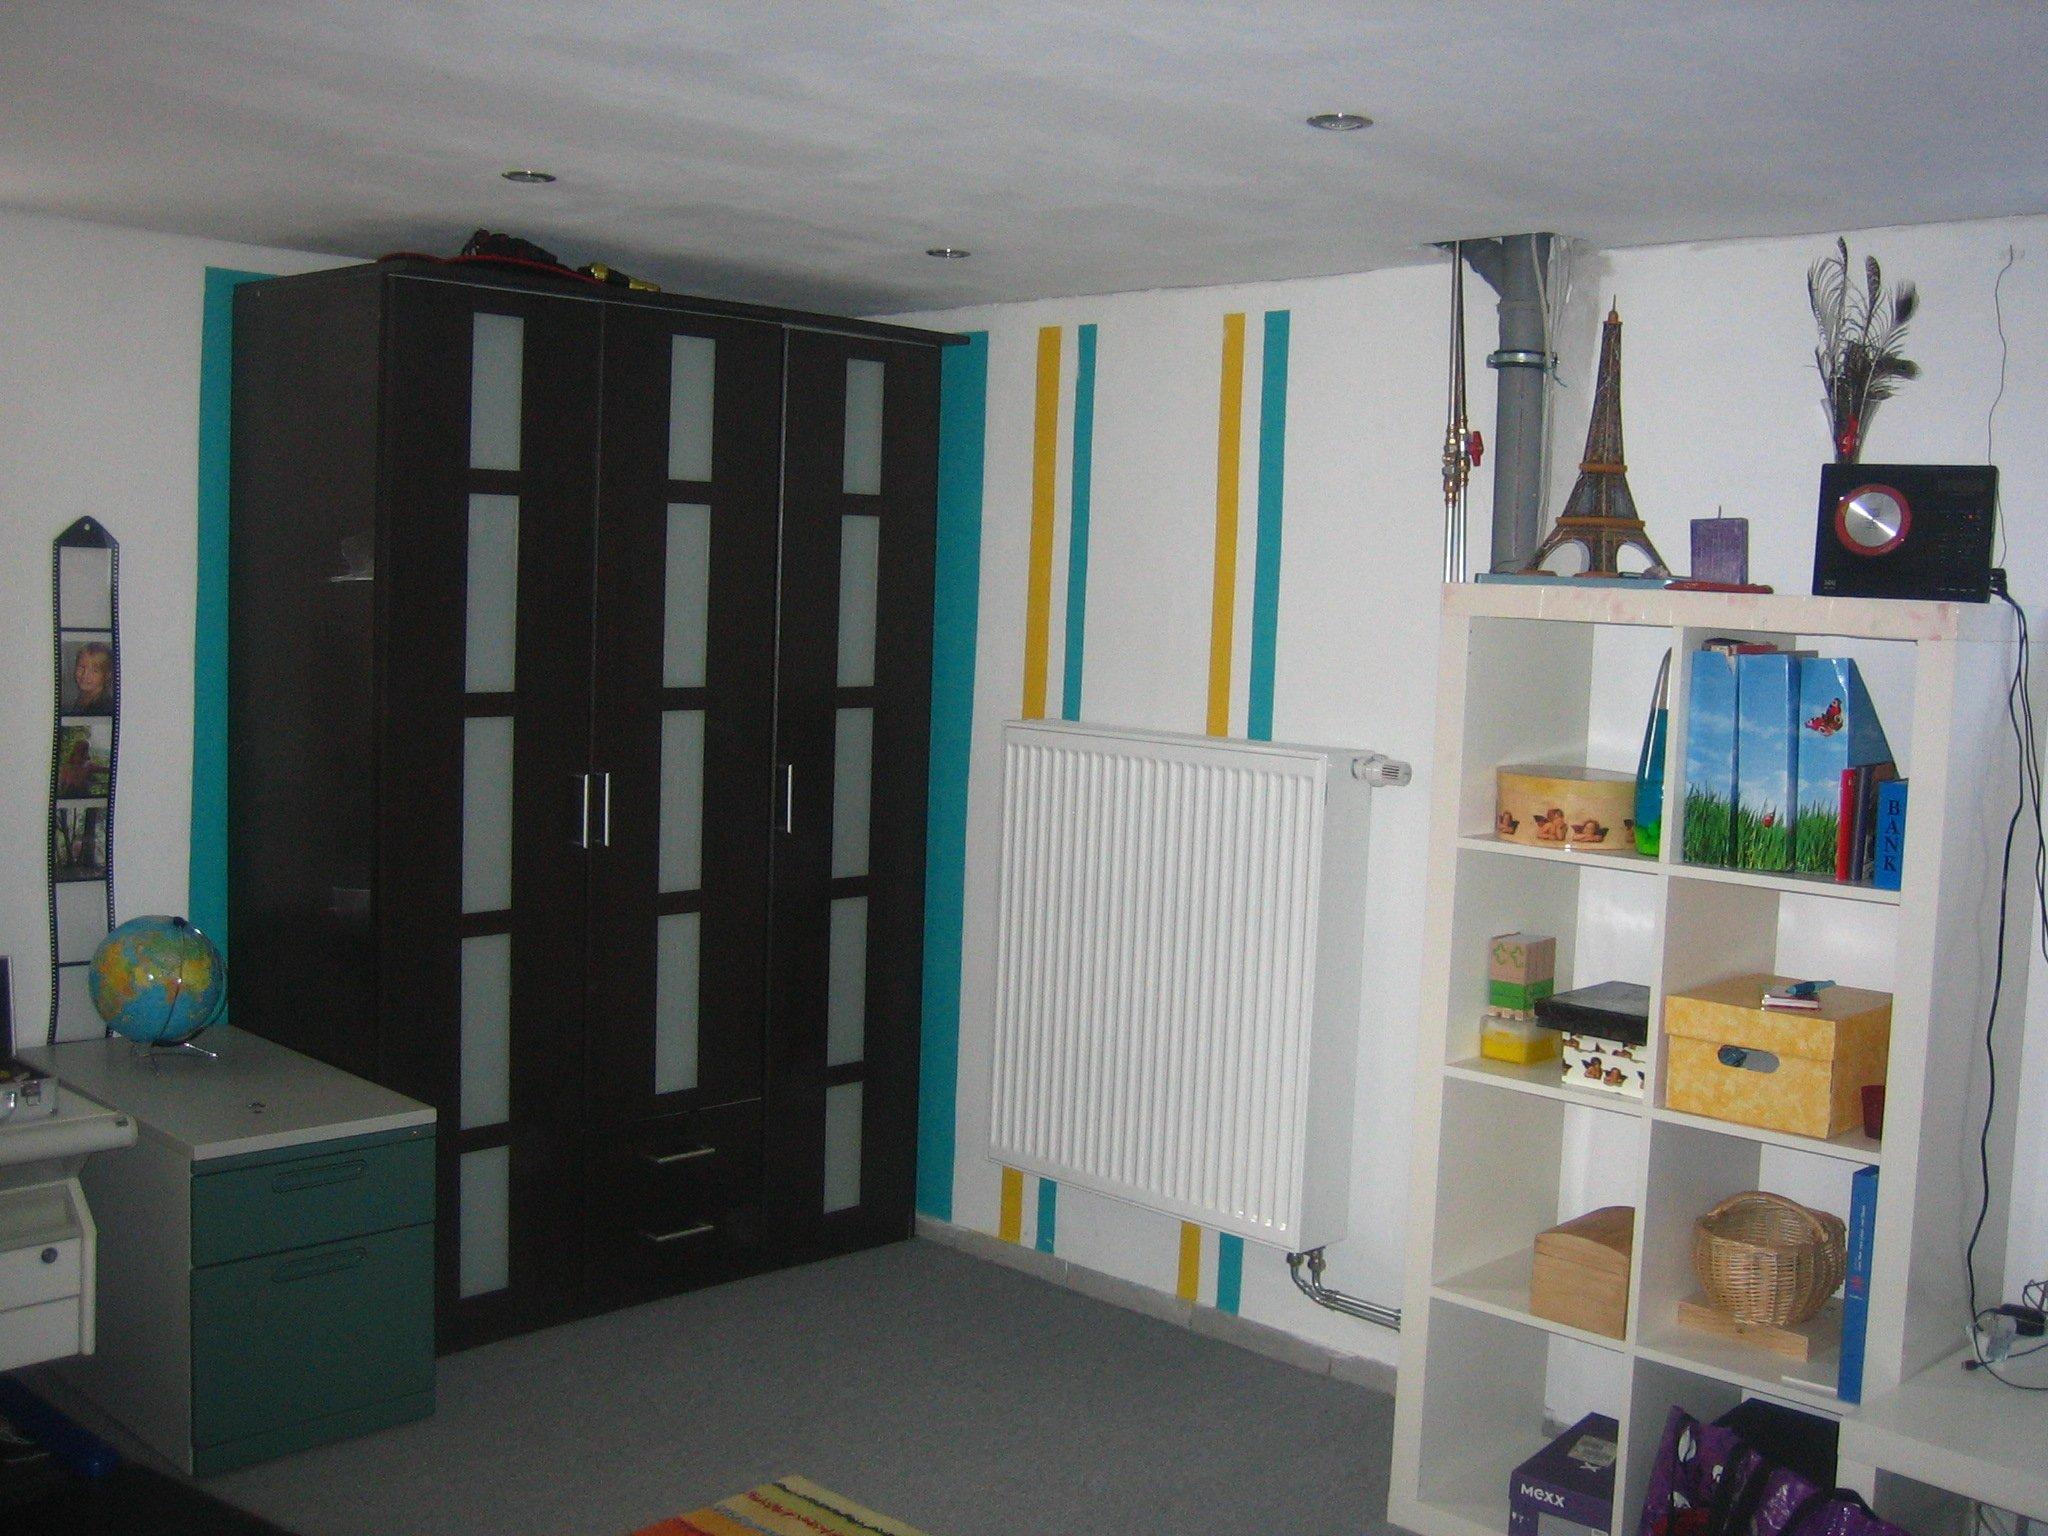 Kinderzimmer 39 noch keller 39 frankenh usla zimmerschau for Kinderzimmer im keller